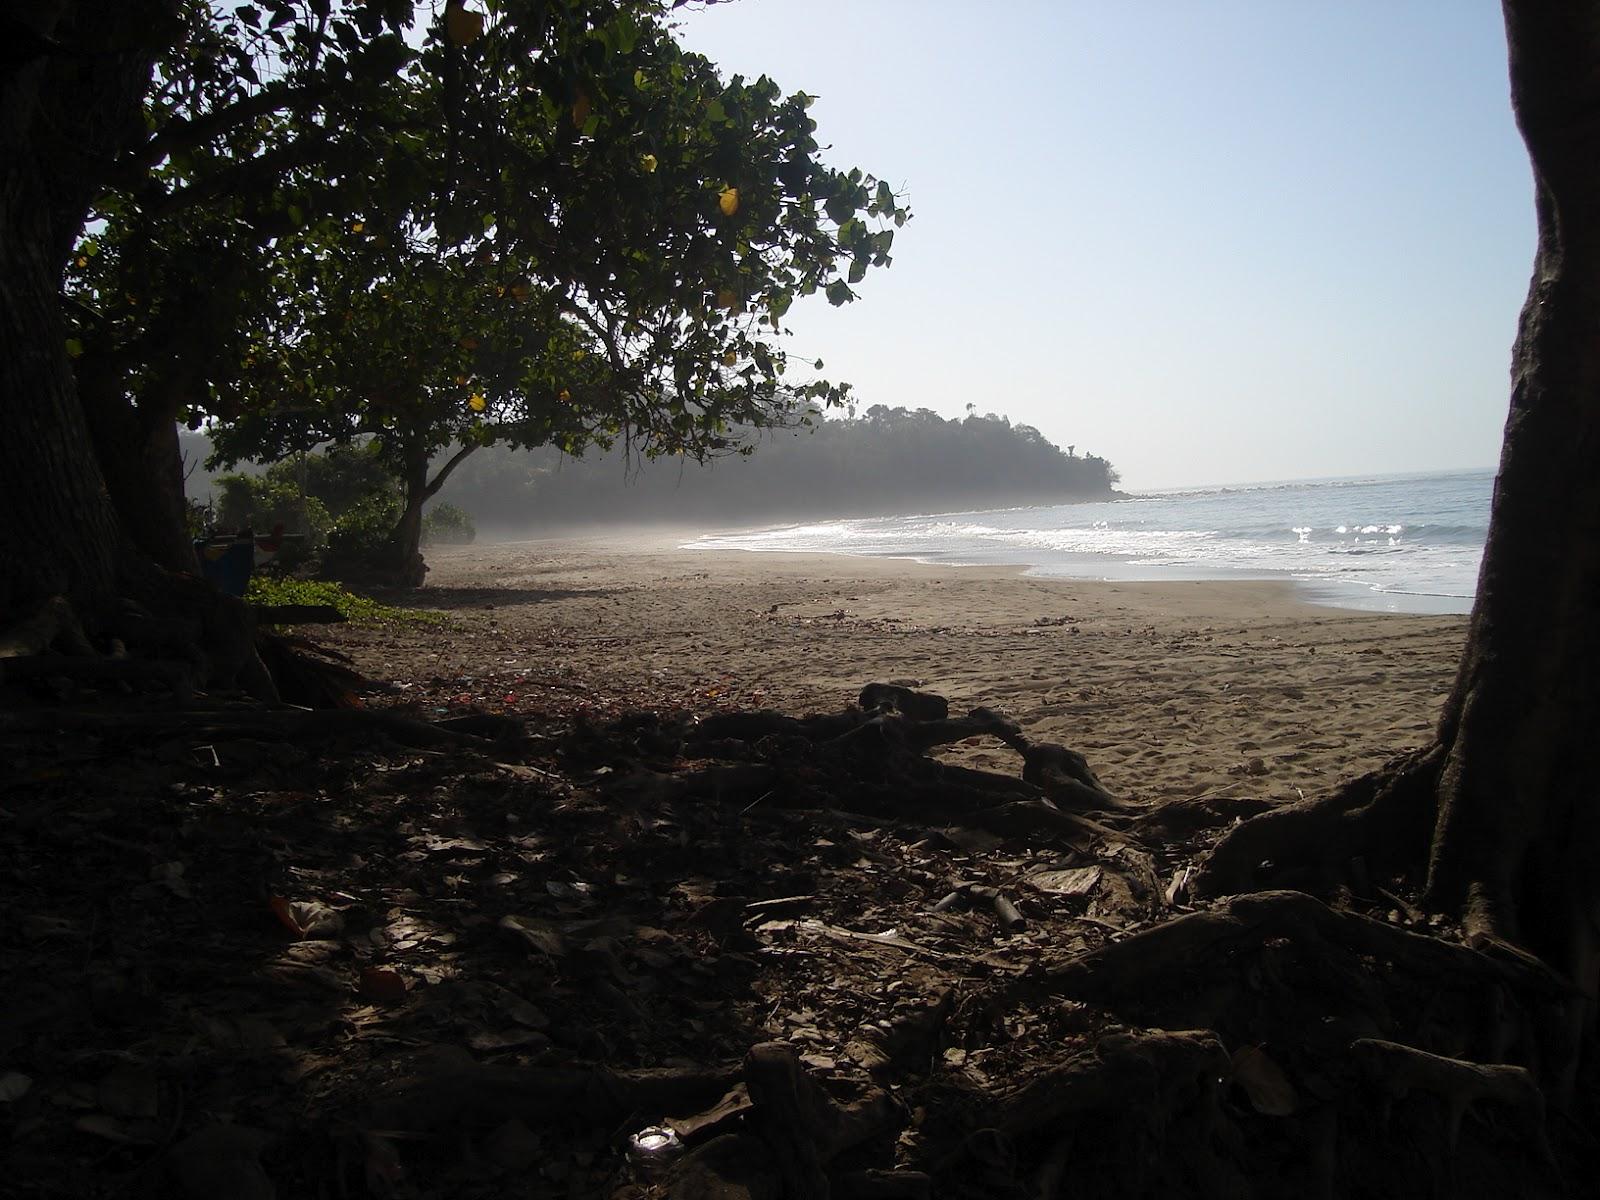 Bermalasan di Pantai Tamban, Pantai Tamban, Pantai Tamban Malang, Malang, Kabupaten Malang, Dolan Dolen, Dolaners Bermalasan di Pantai Tamban via hamiqi - Dolan Dolen